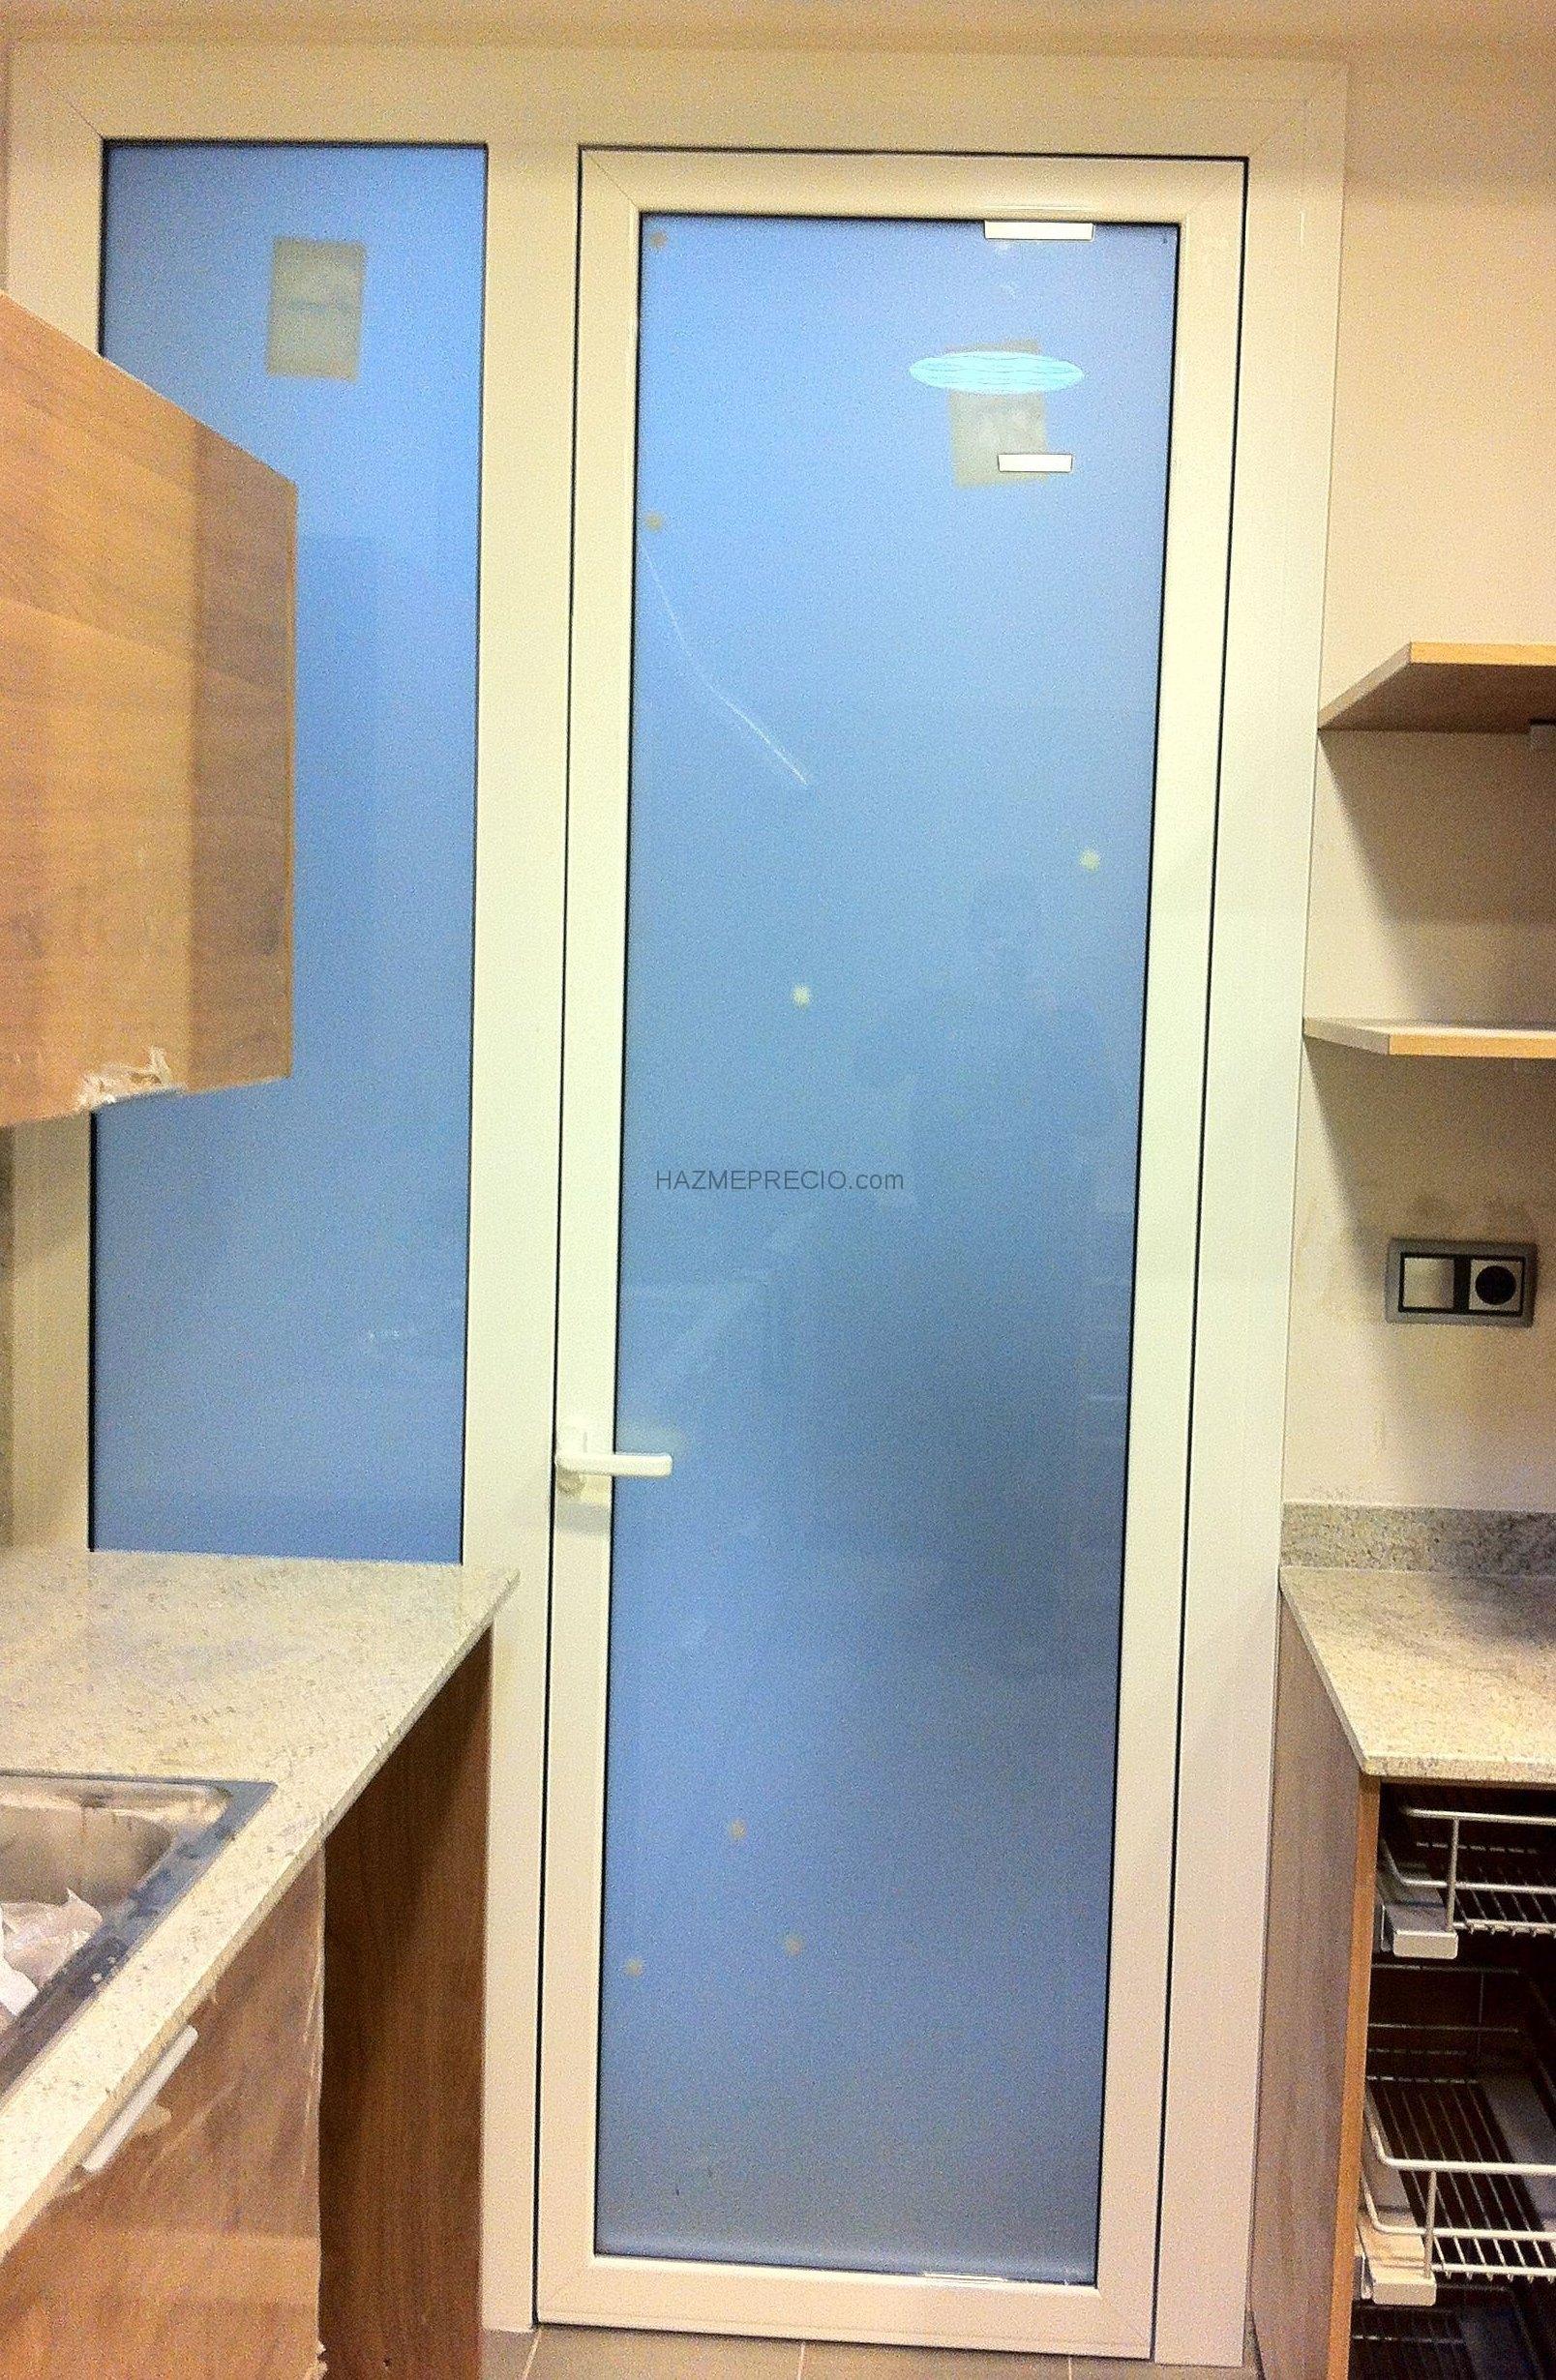 Presupuesto para sustituir ventanas de madera por ventanas for Presupuesto online ventanas aluminio